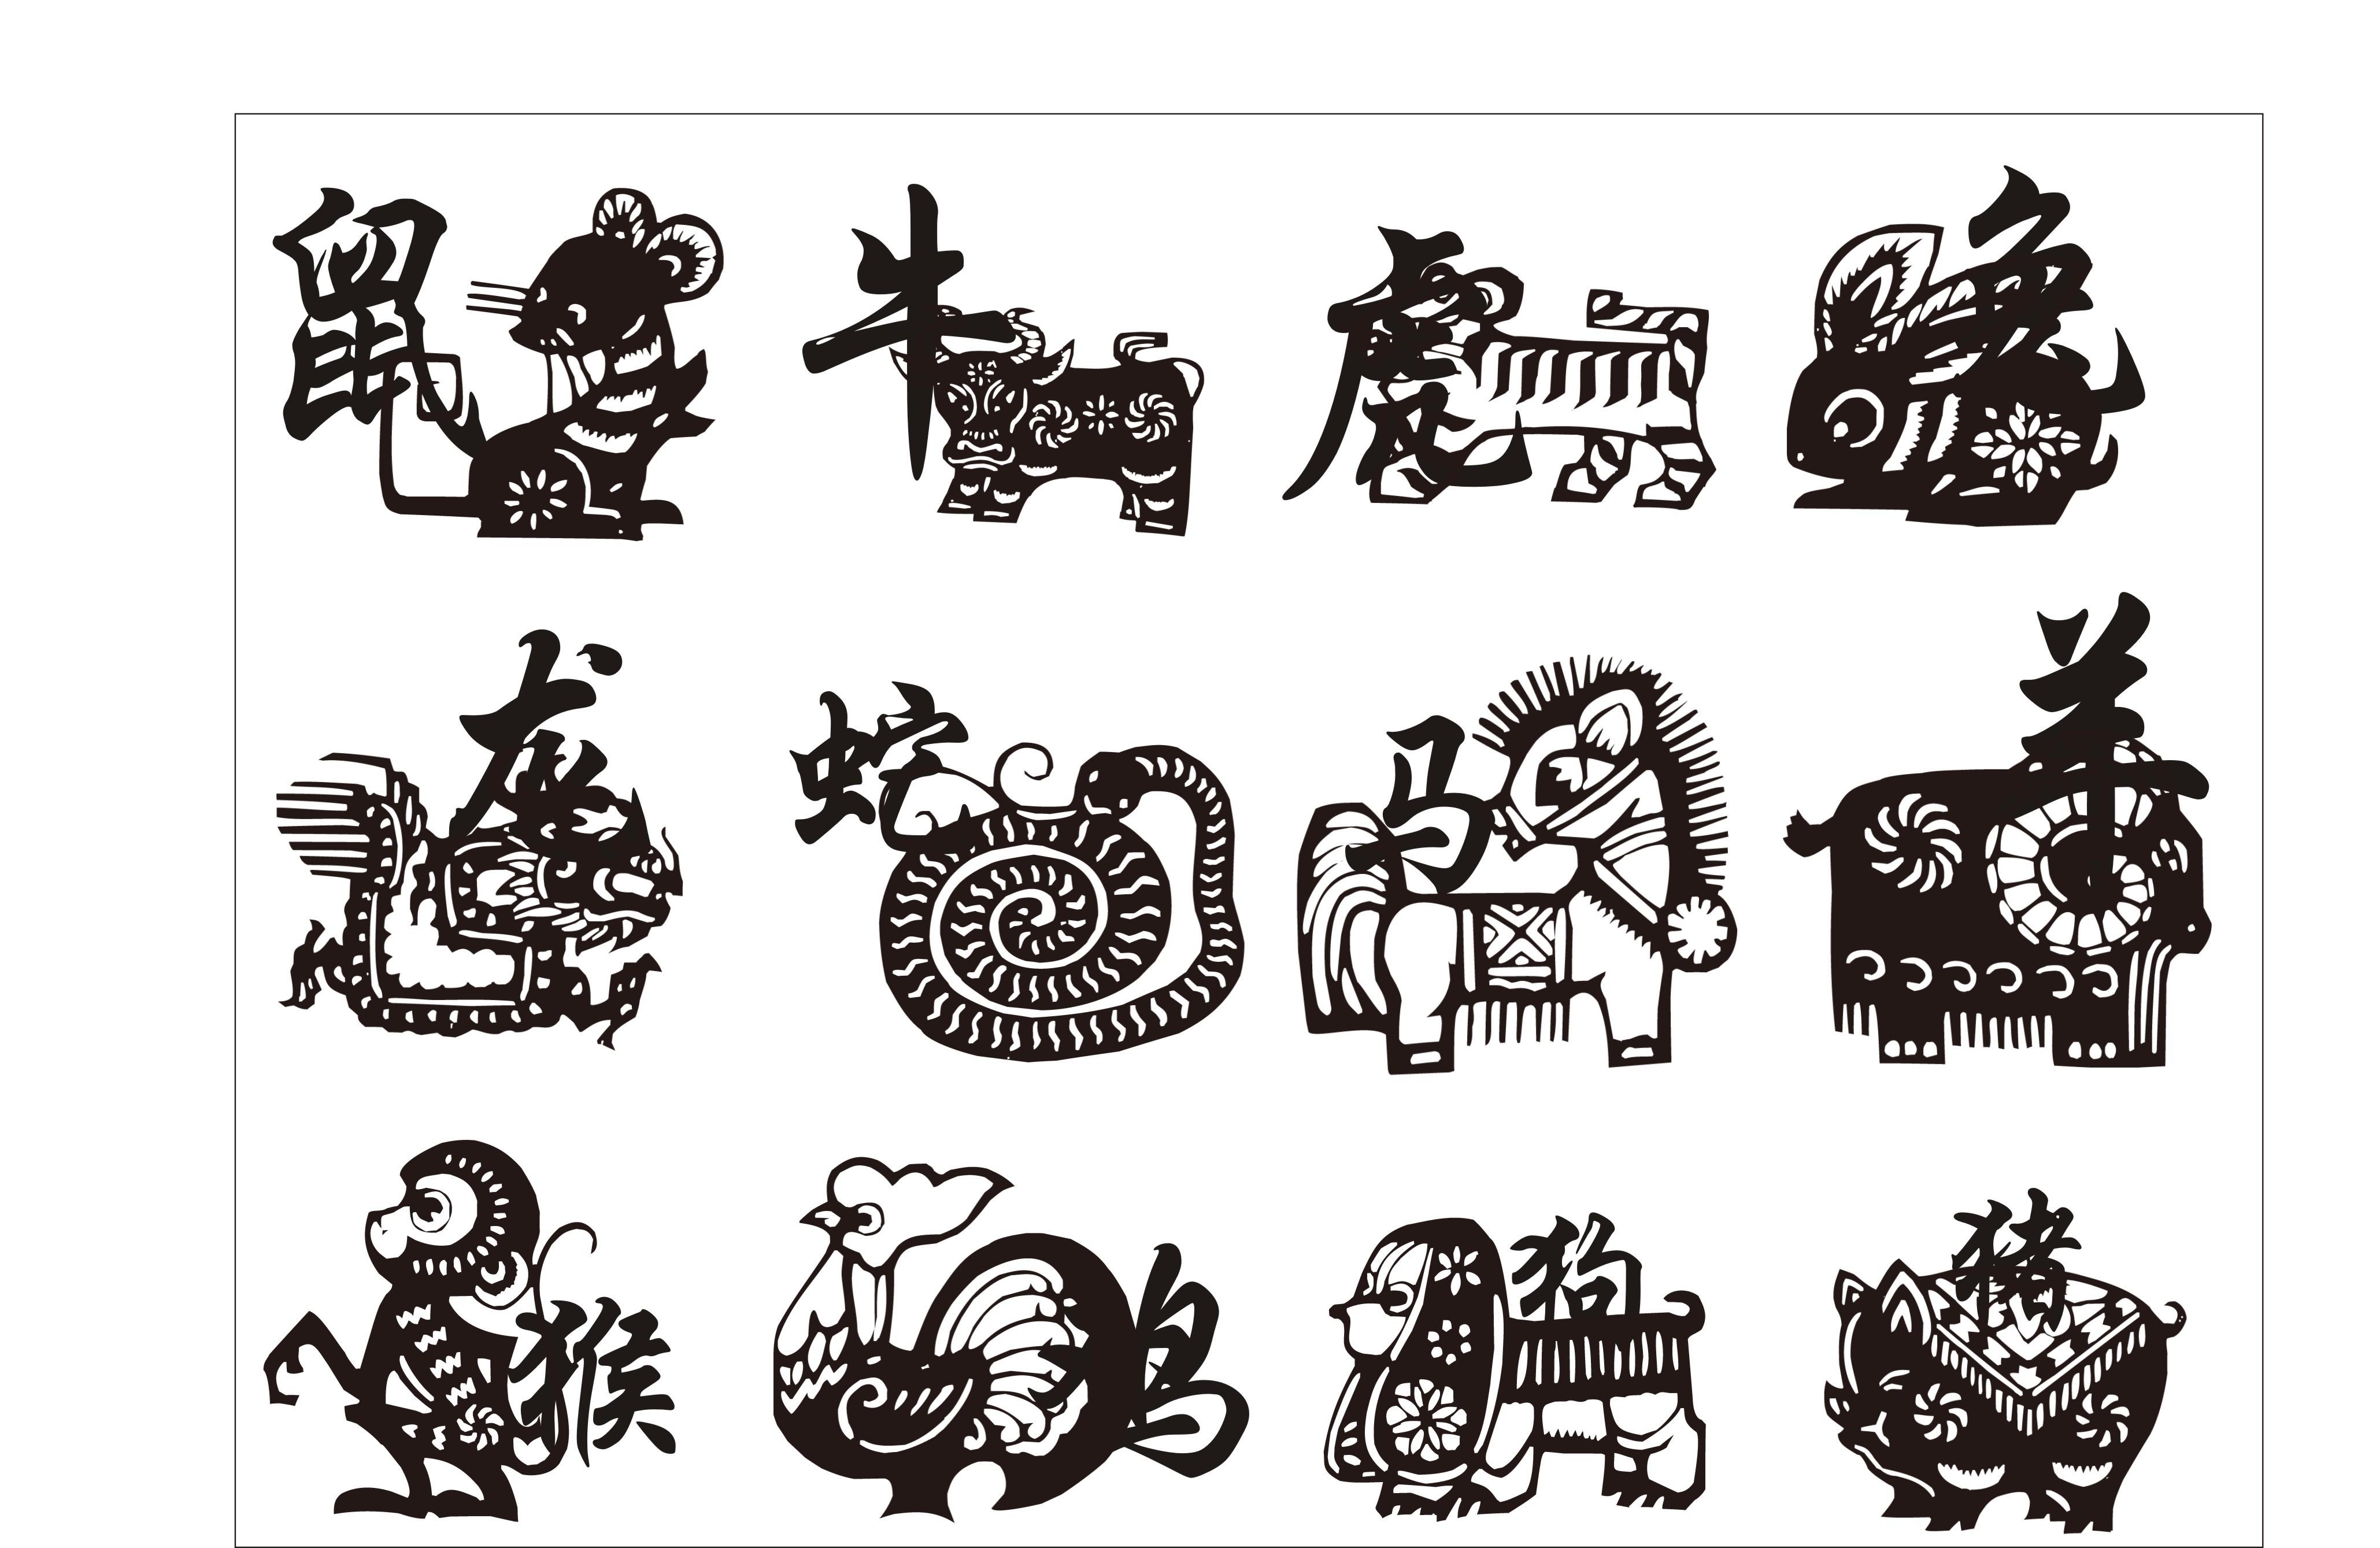 十二生肖|平面|字体/字形|孙筱慧 - 原创作品 - 站酷图片